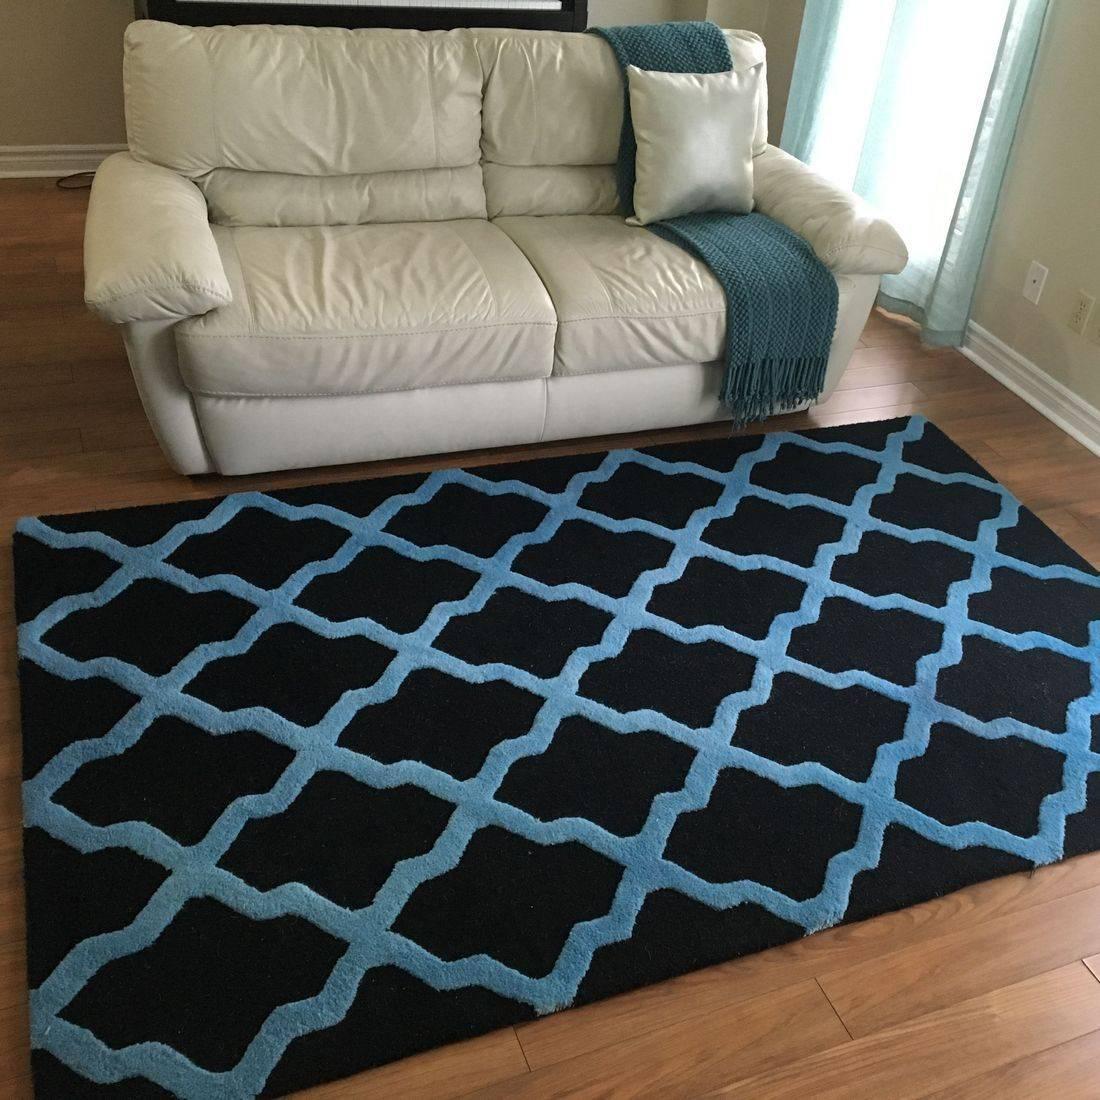 Custom Colour Carpets & Rugs, Carpet Dyeing, Area Rug Carpet  Colour Change